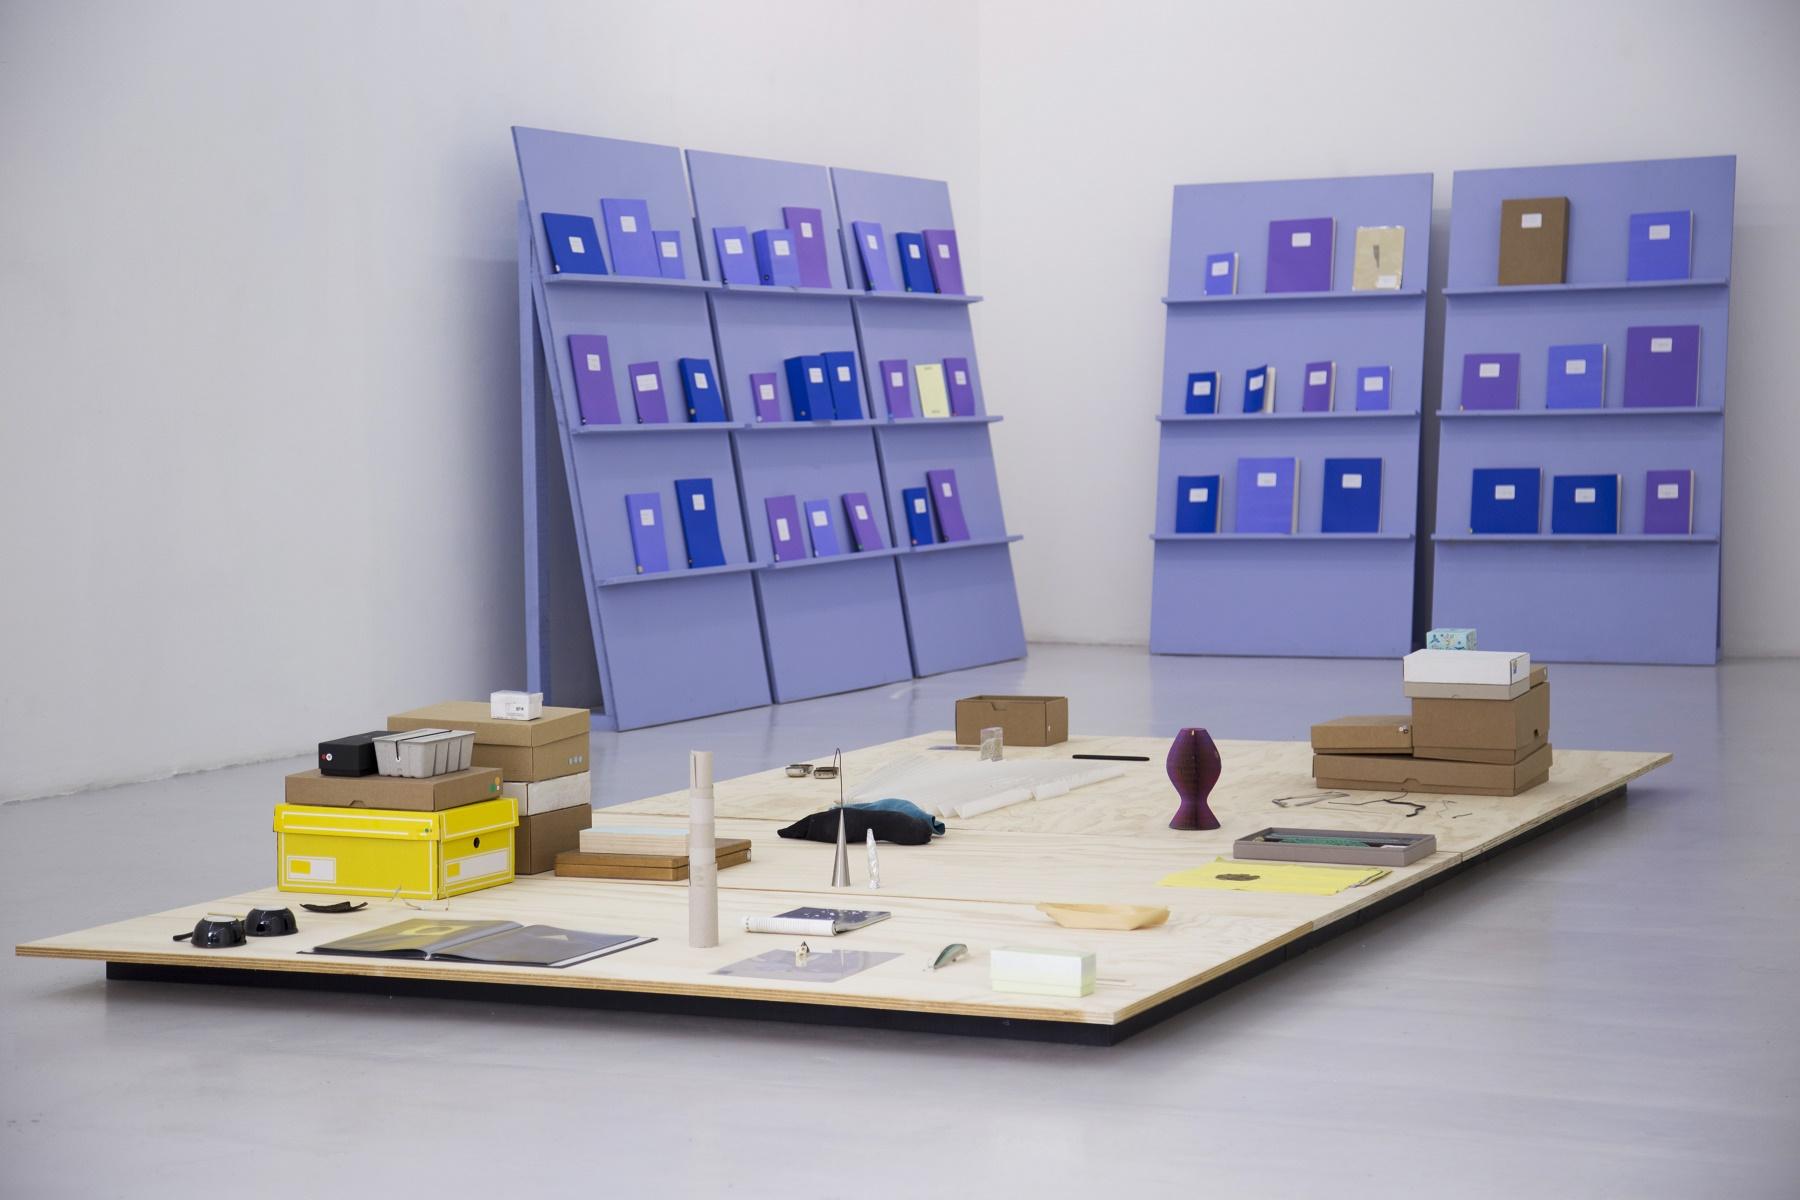 Los libros y las cosas: Martín La Roche at Galería Gabriela Mistral, Santiago, Chile